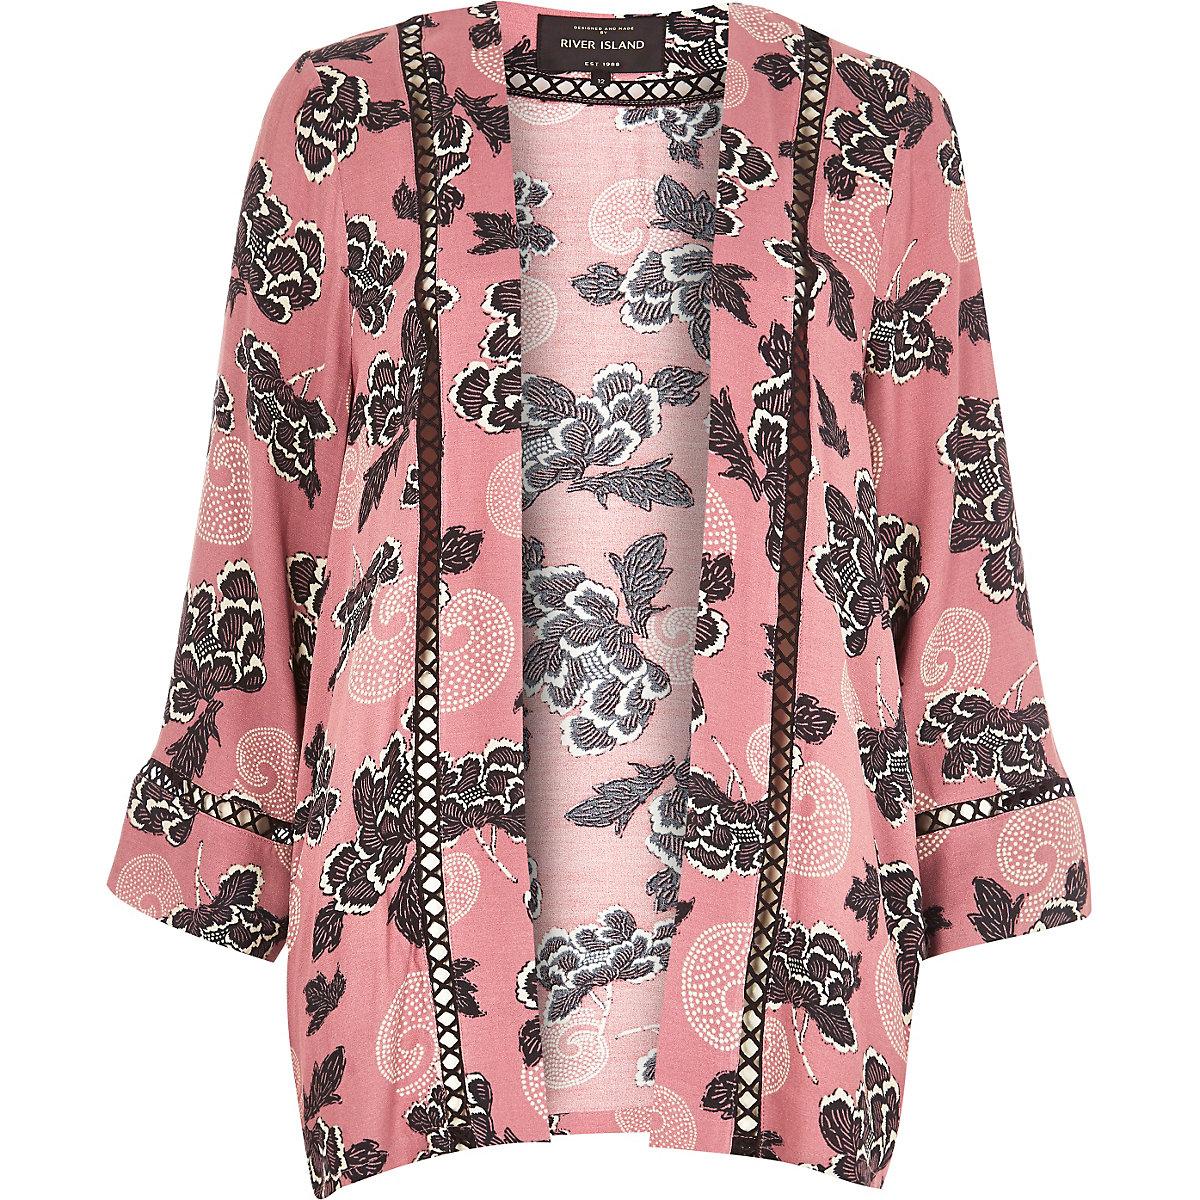 Tops Kimono Kimonos Femme Rose Imprimé Fleuri Veste Xhpitet SjMVzLqUpG